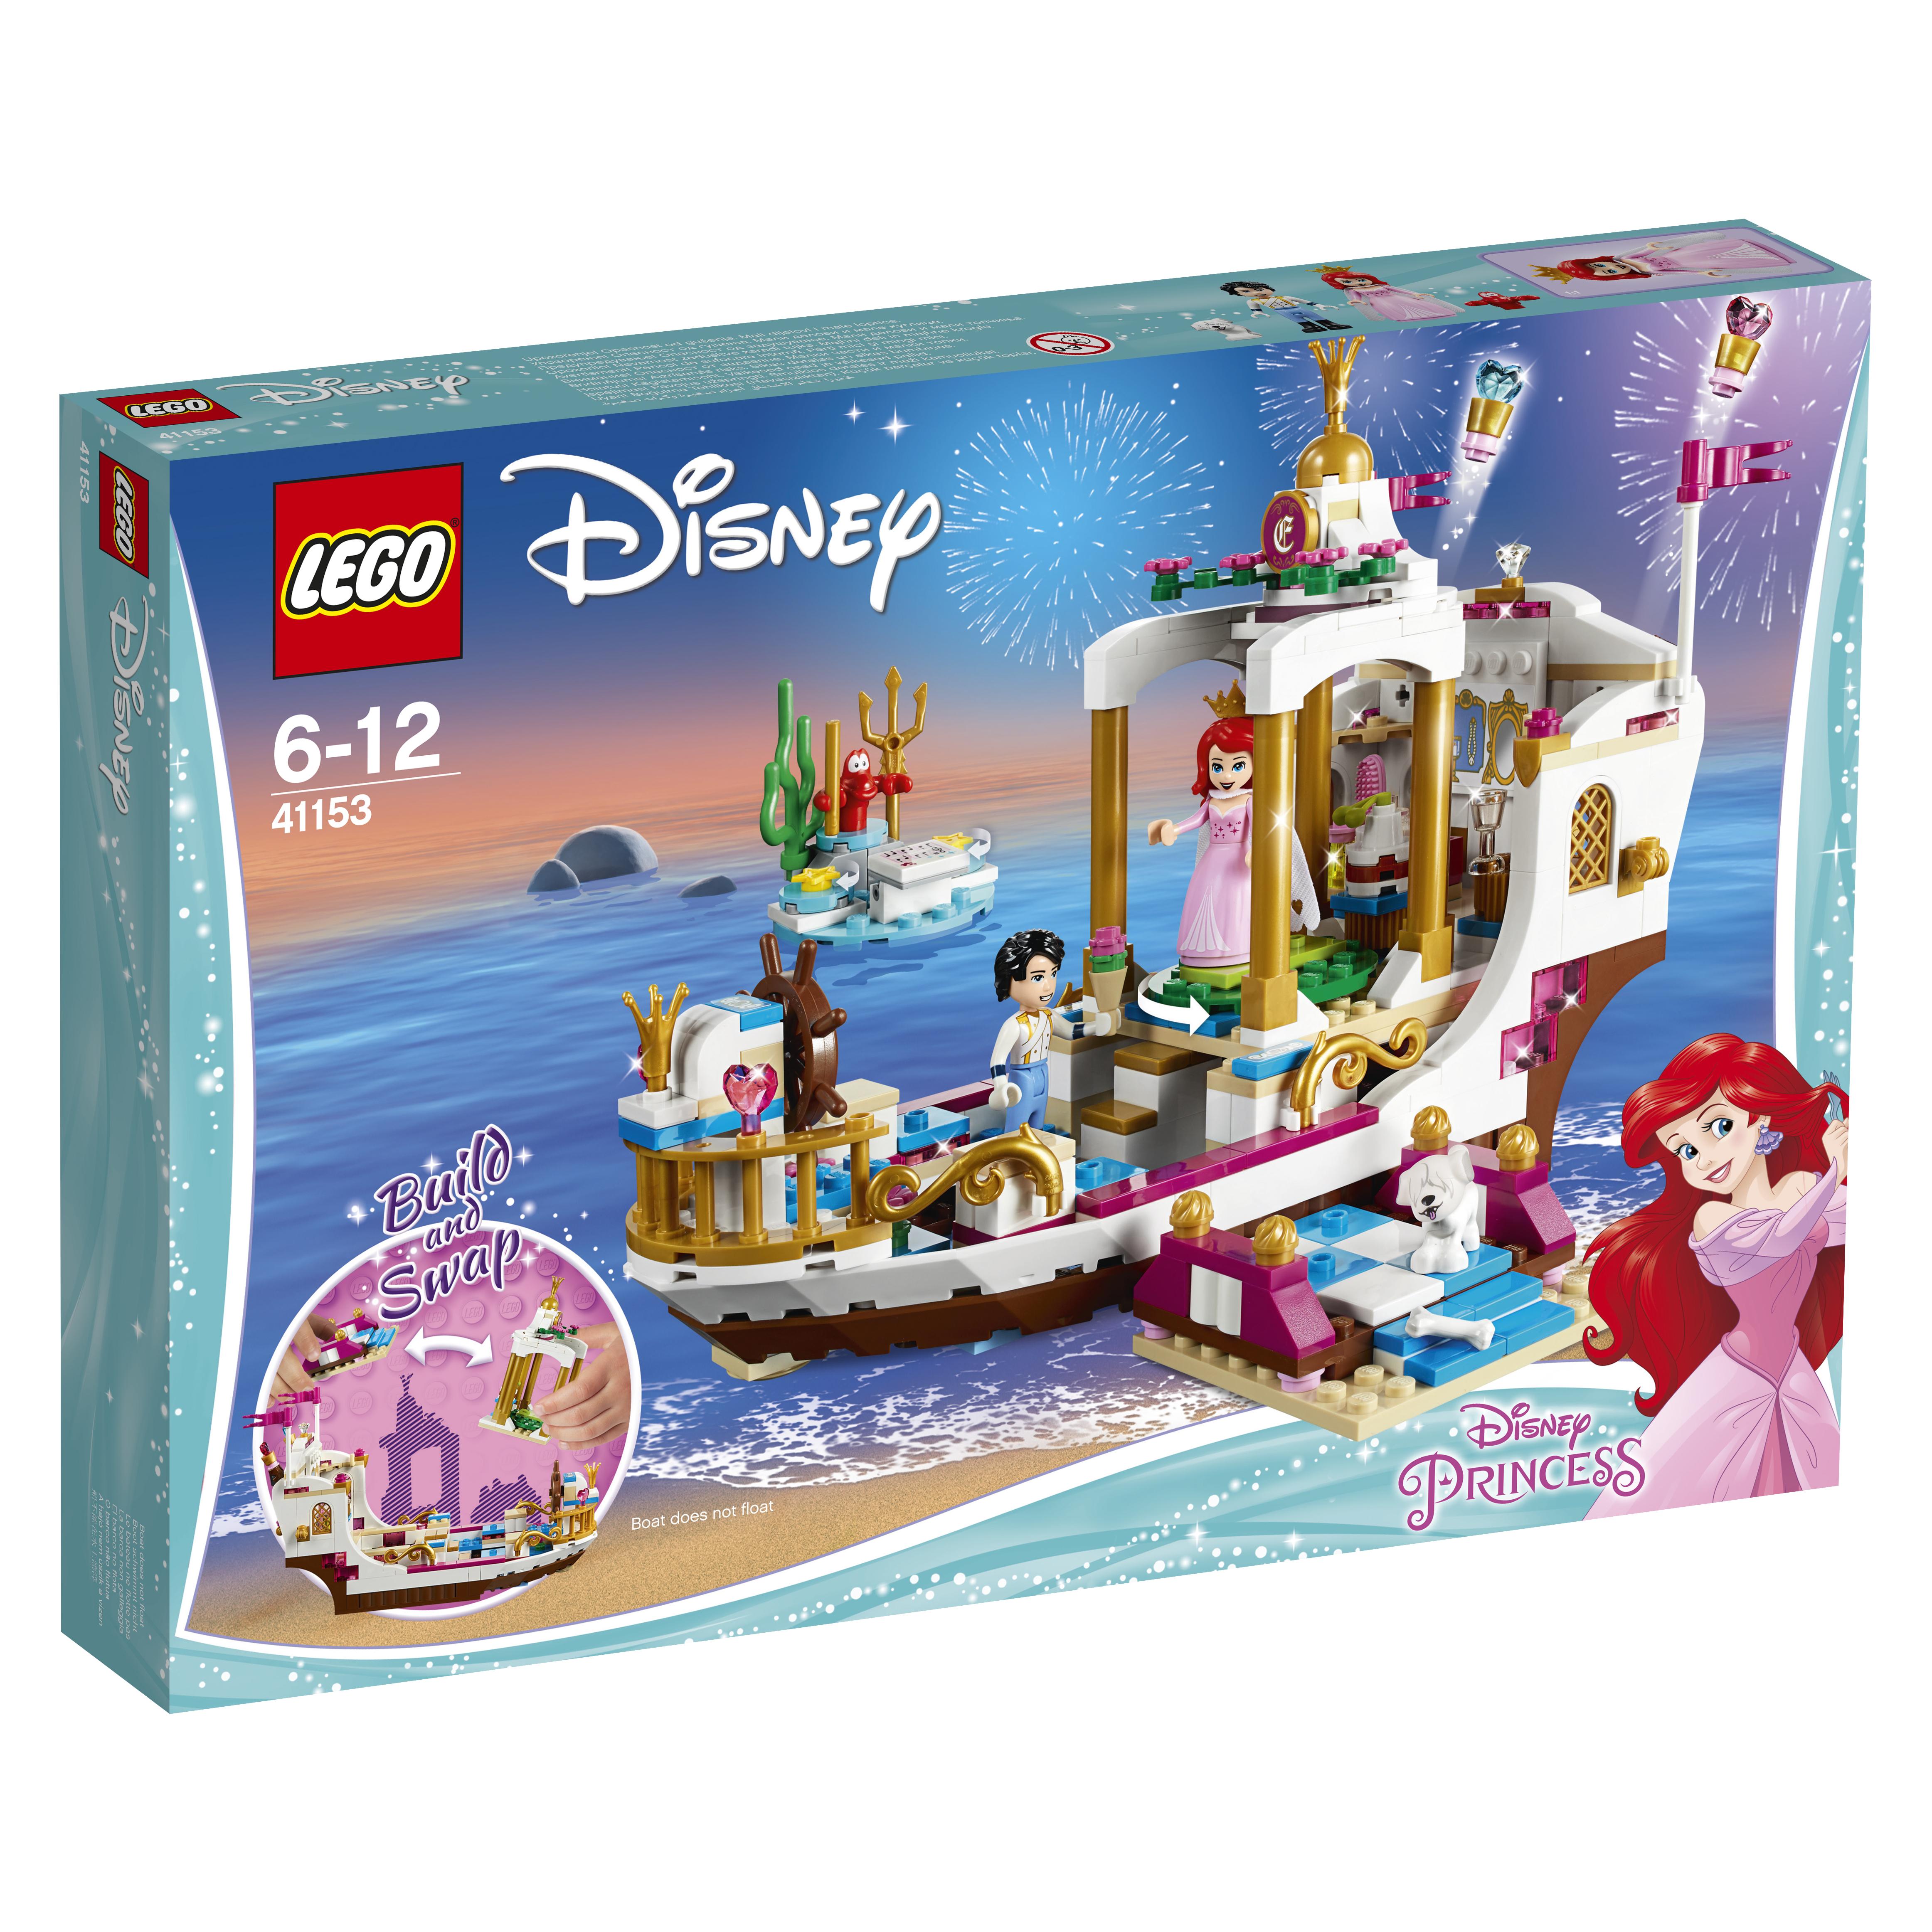 LEGO LEGO Disney Princess 41155 Приключения Эльзы на рынке lego lego disney princesses 41148 волшебный ледяной замок эльзы